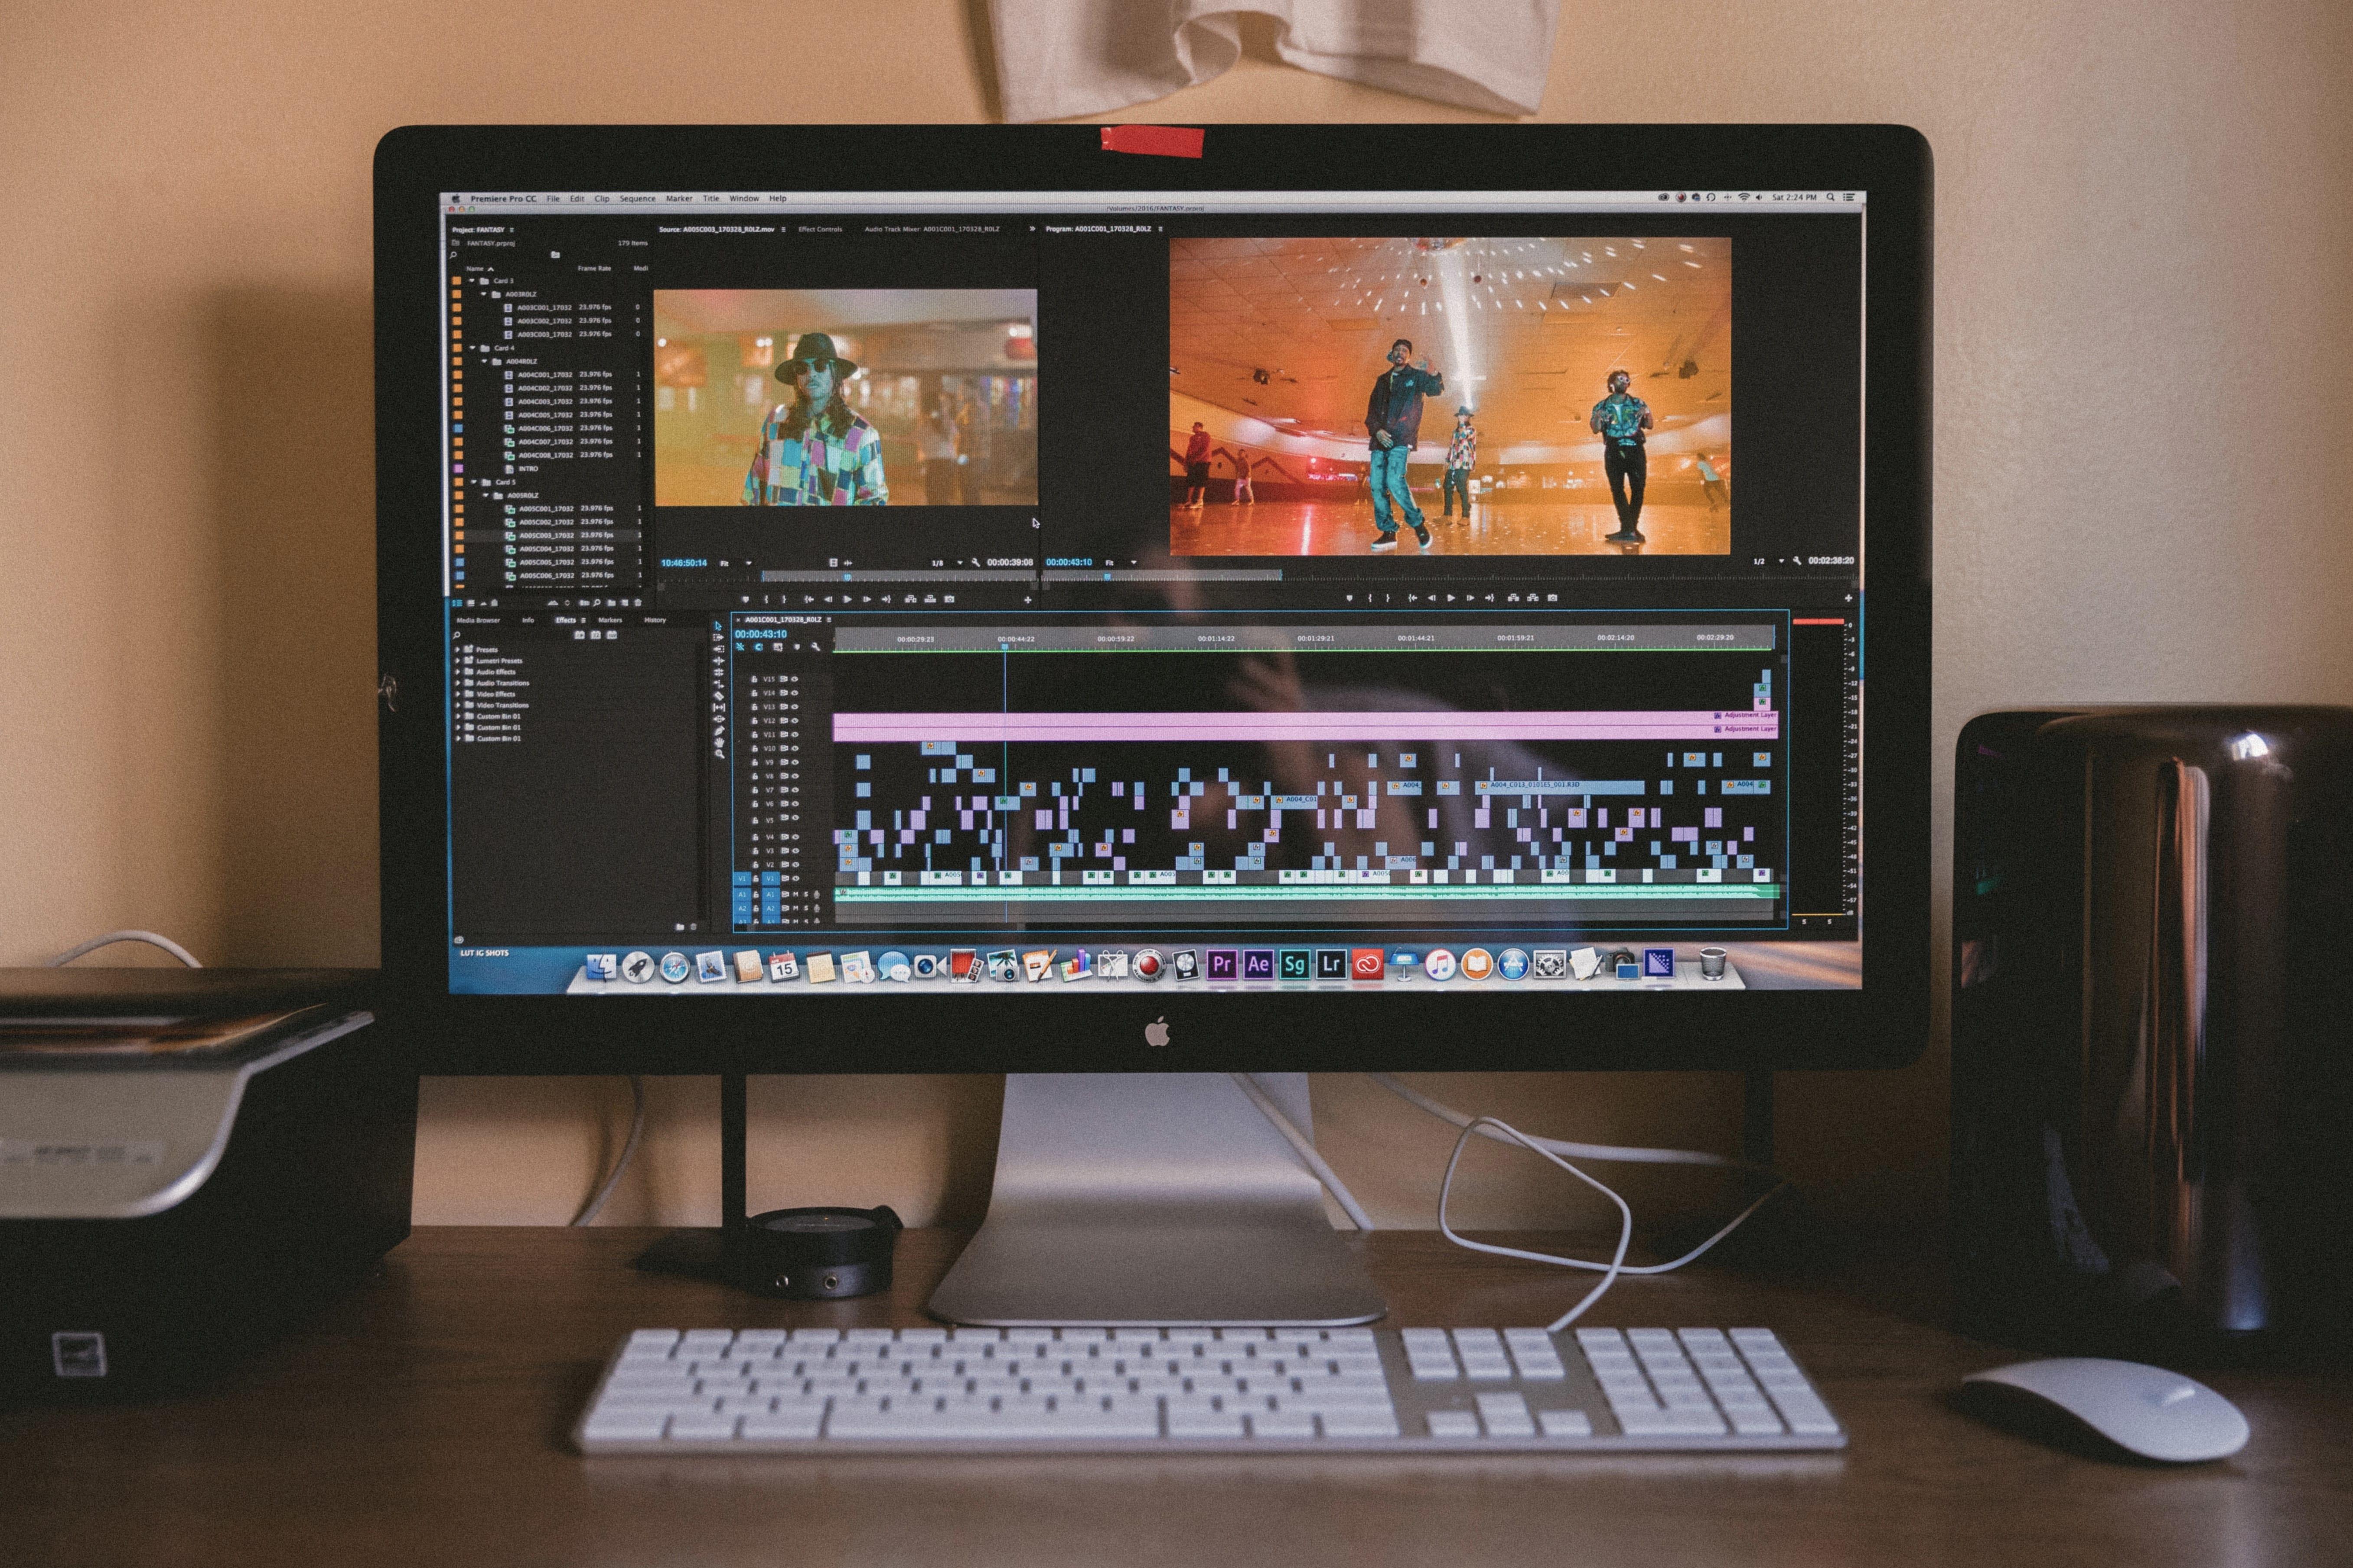 Macで使えるおすすめの動画編集ソフトは3つだけ【VlogやYouTubeに向いてるソフトを解説】